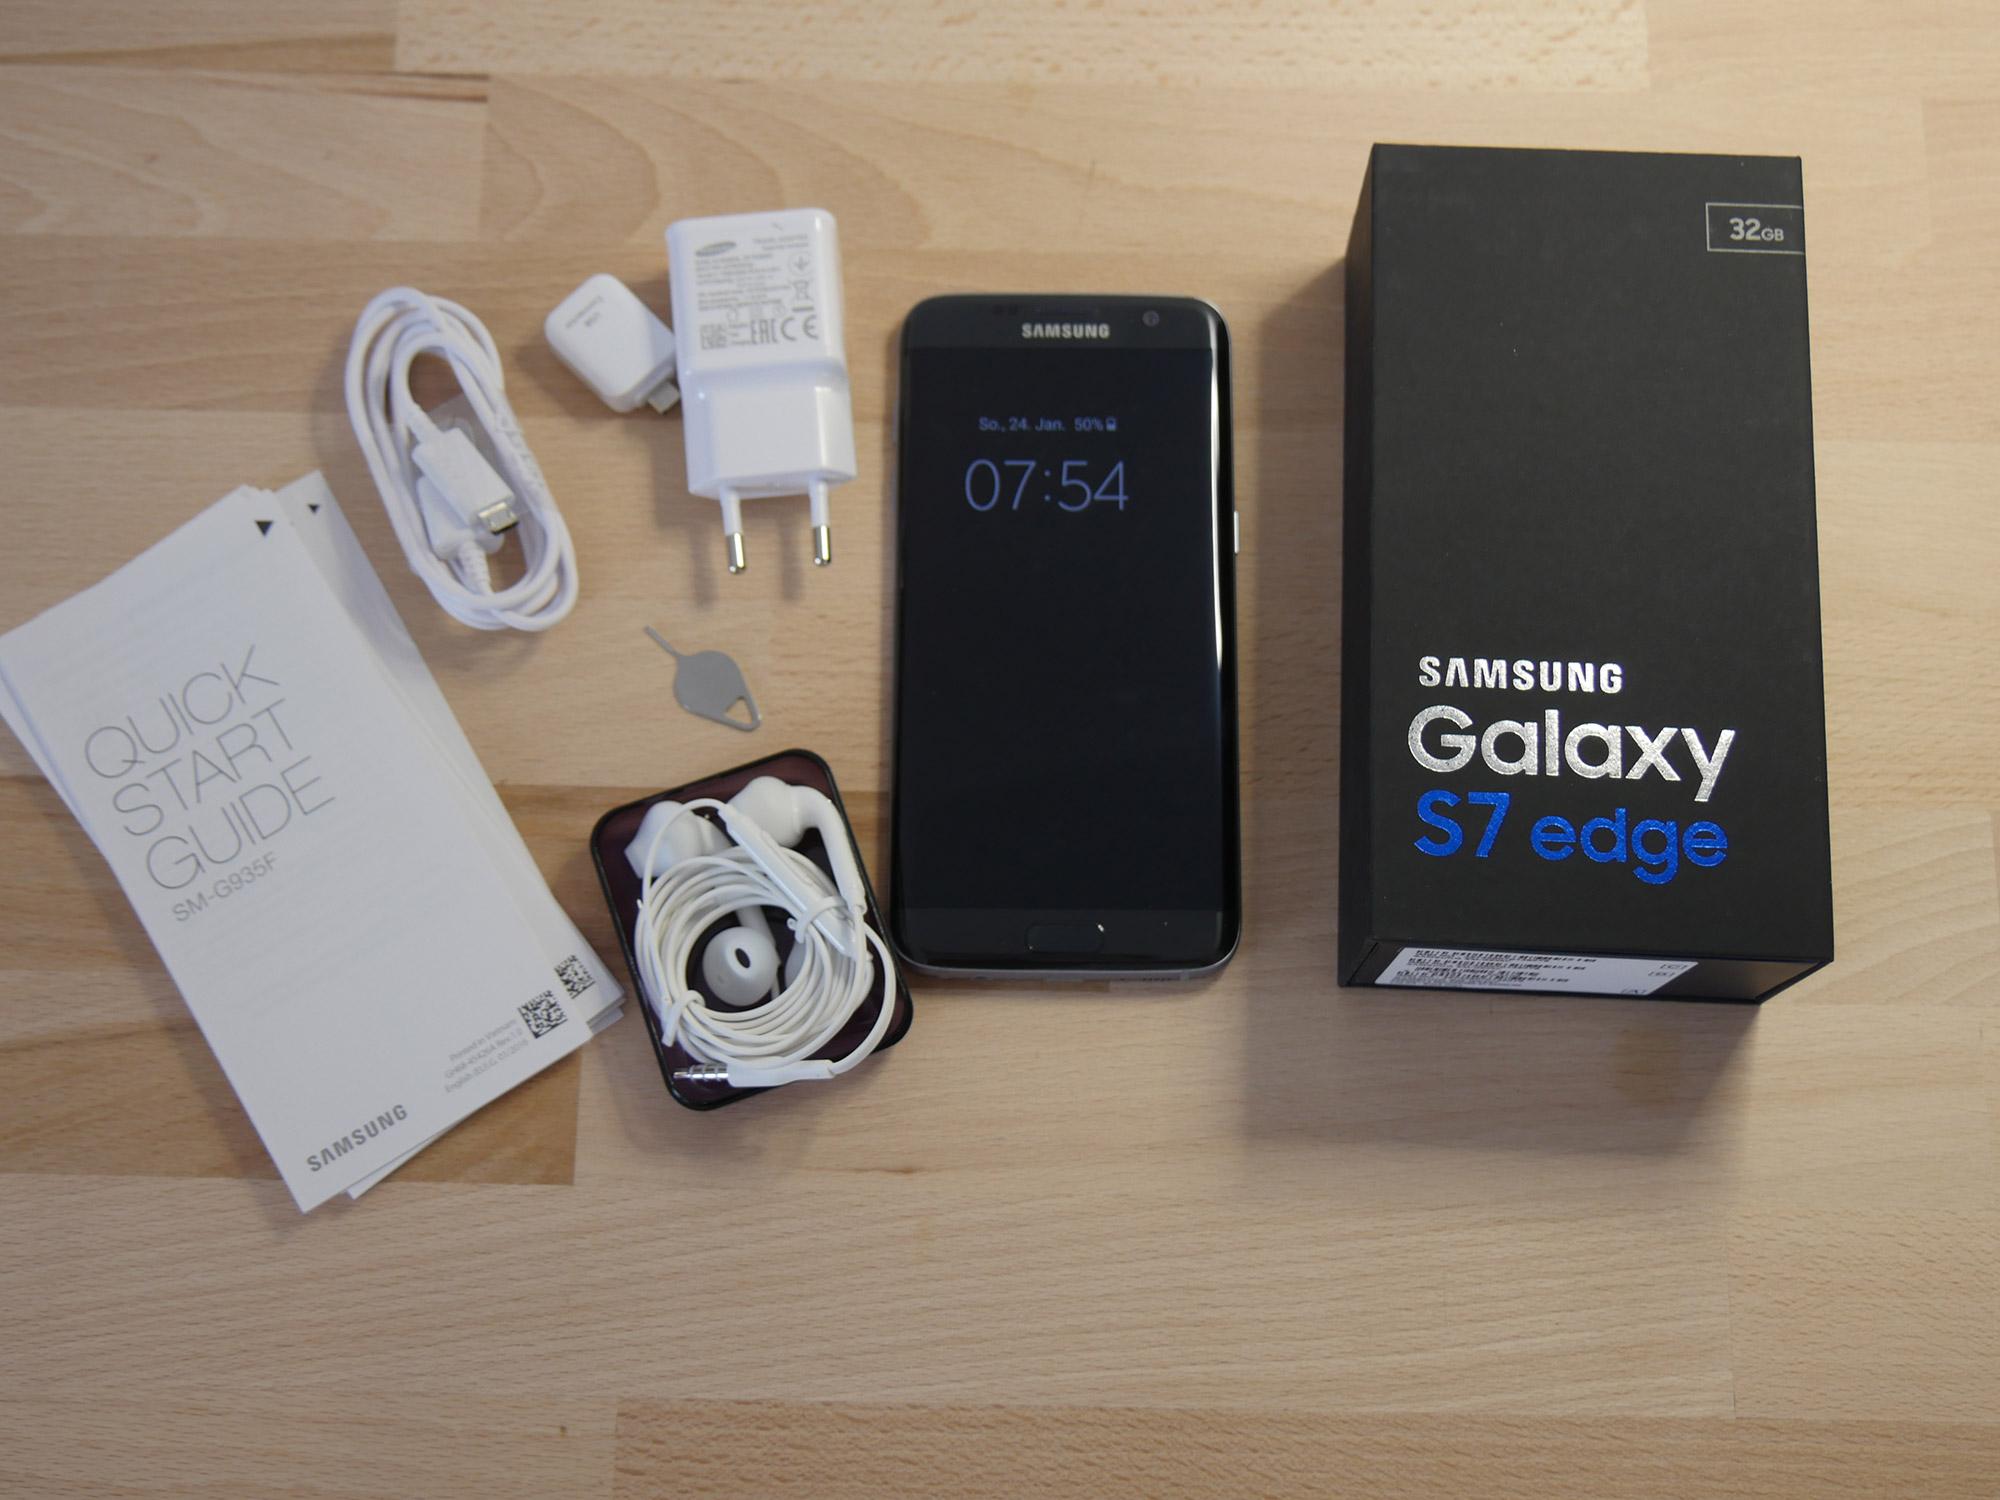 Samsung galaxy s7 edge unboxing deutsch 4k youtube - Samsung Galaxy S7 Edge Unboxing Und Lieferumfang 4k